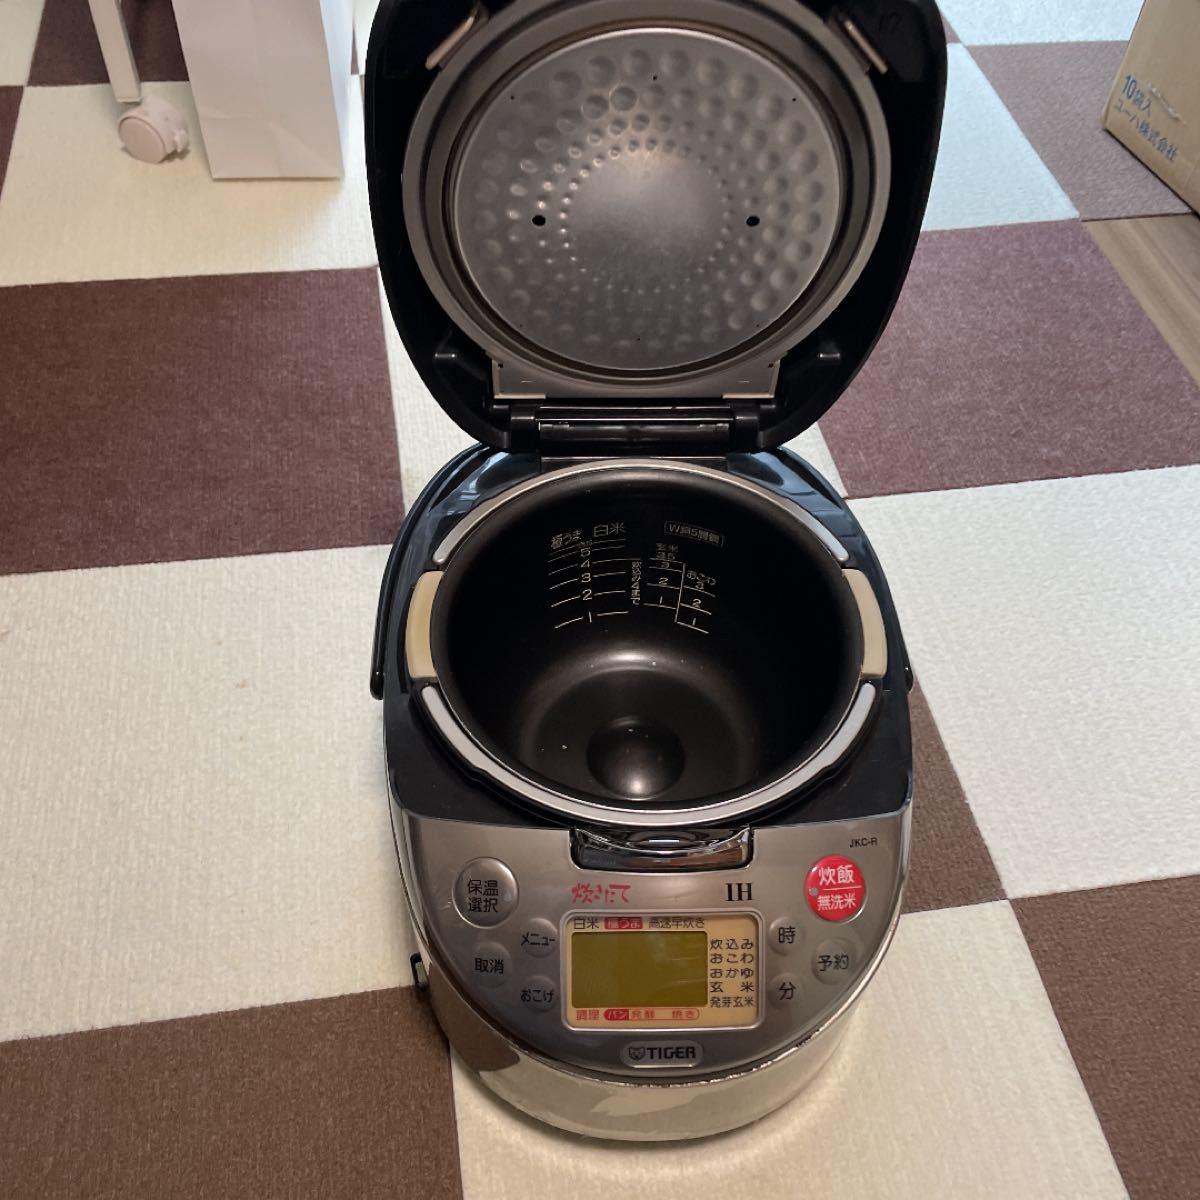 タイガー TIGER IH炊飯器 JKC-R100 5.5合